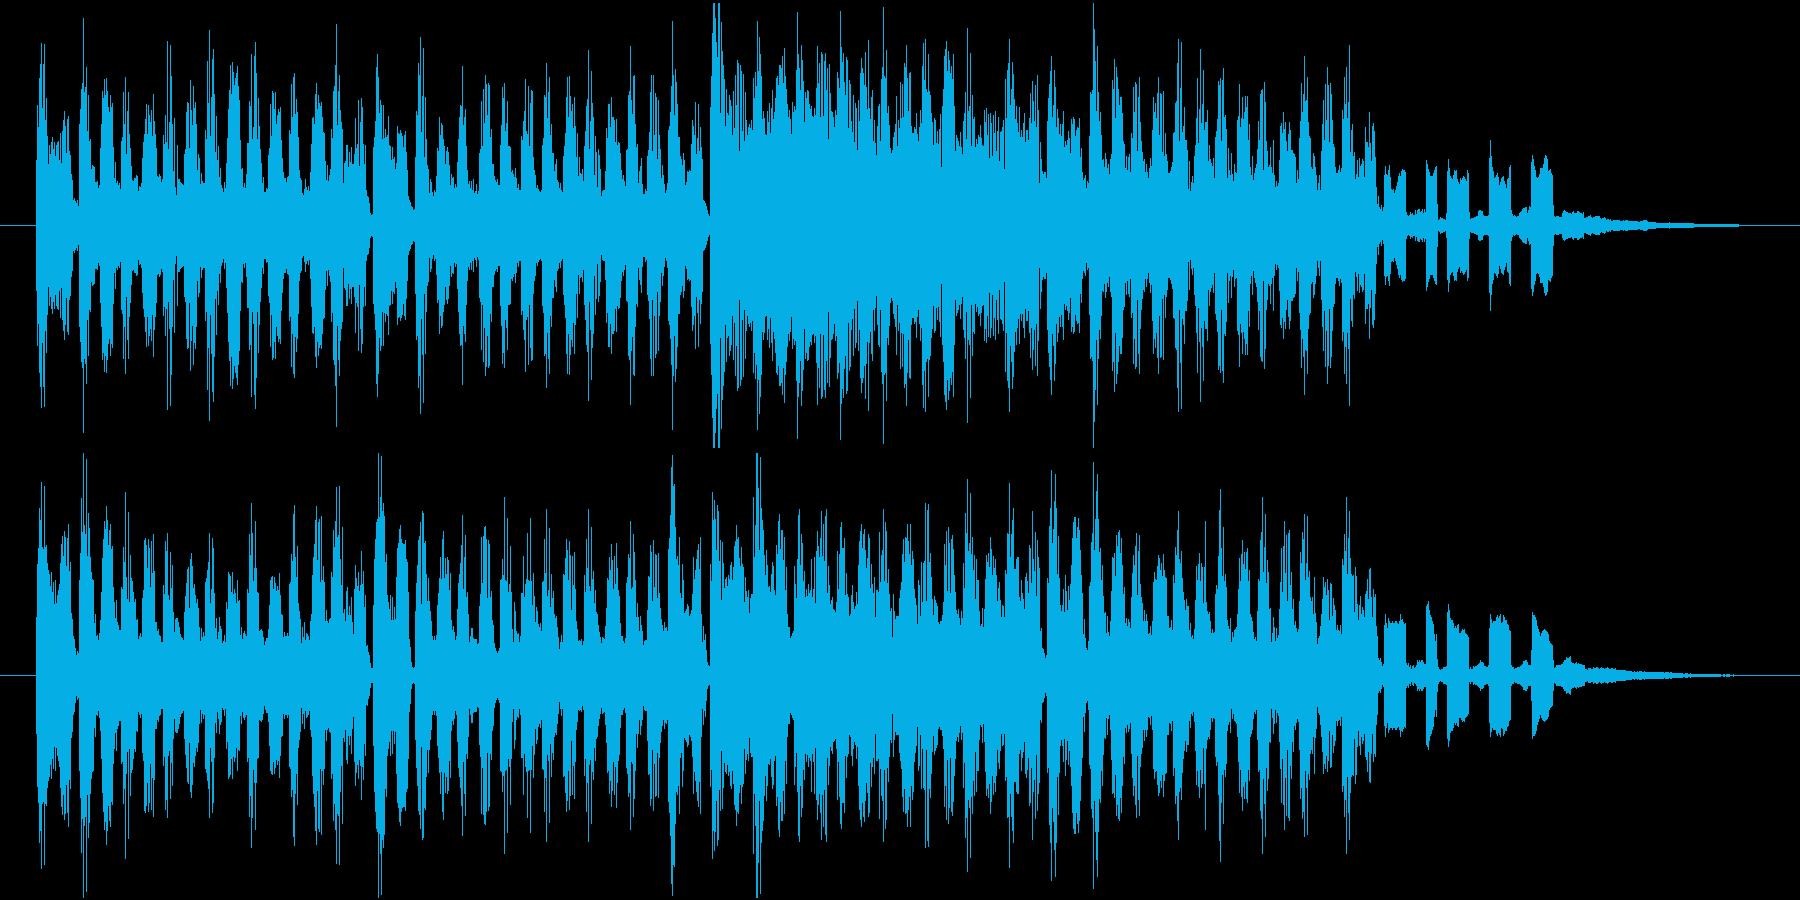 かわいい、ポップな感じのジングルの再生済みの波形